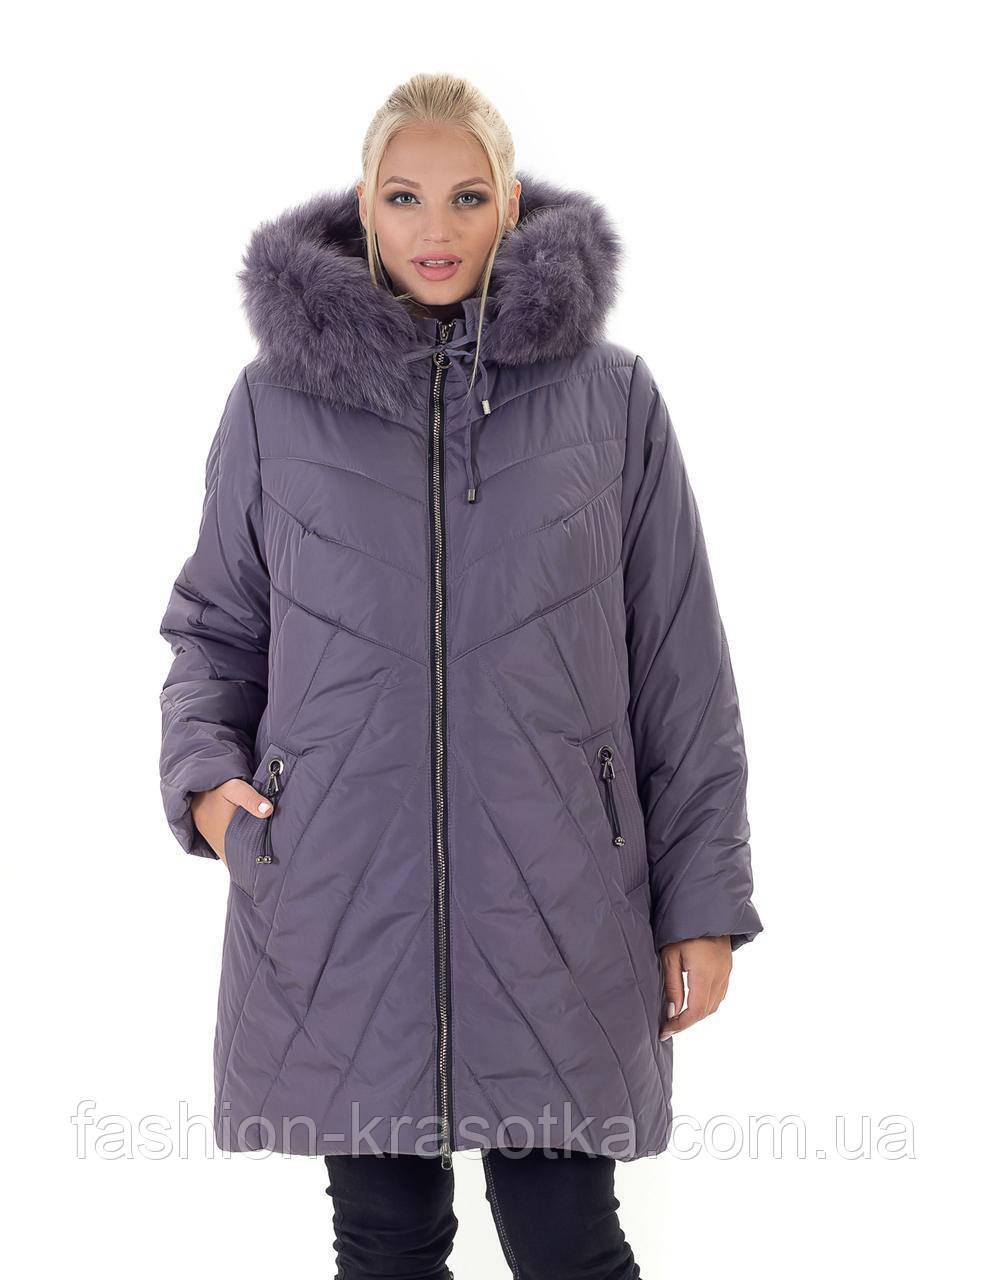 Женская зимняя куртка с натуральным мехом песца,размеры:56-70.